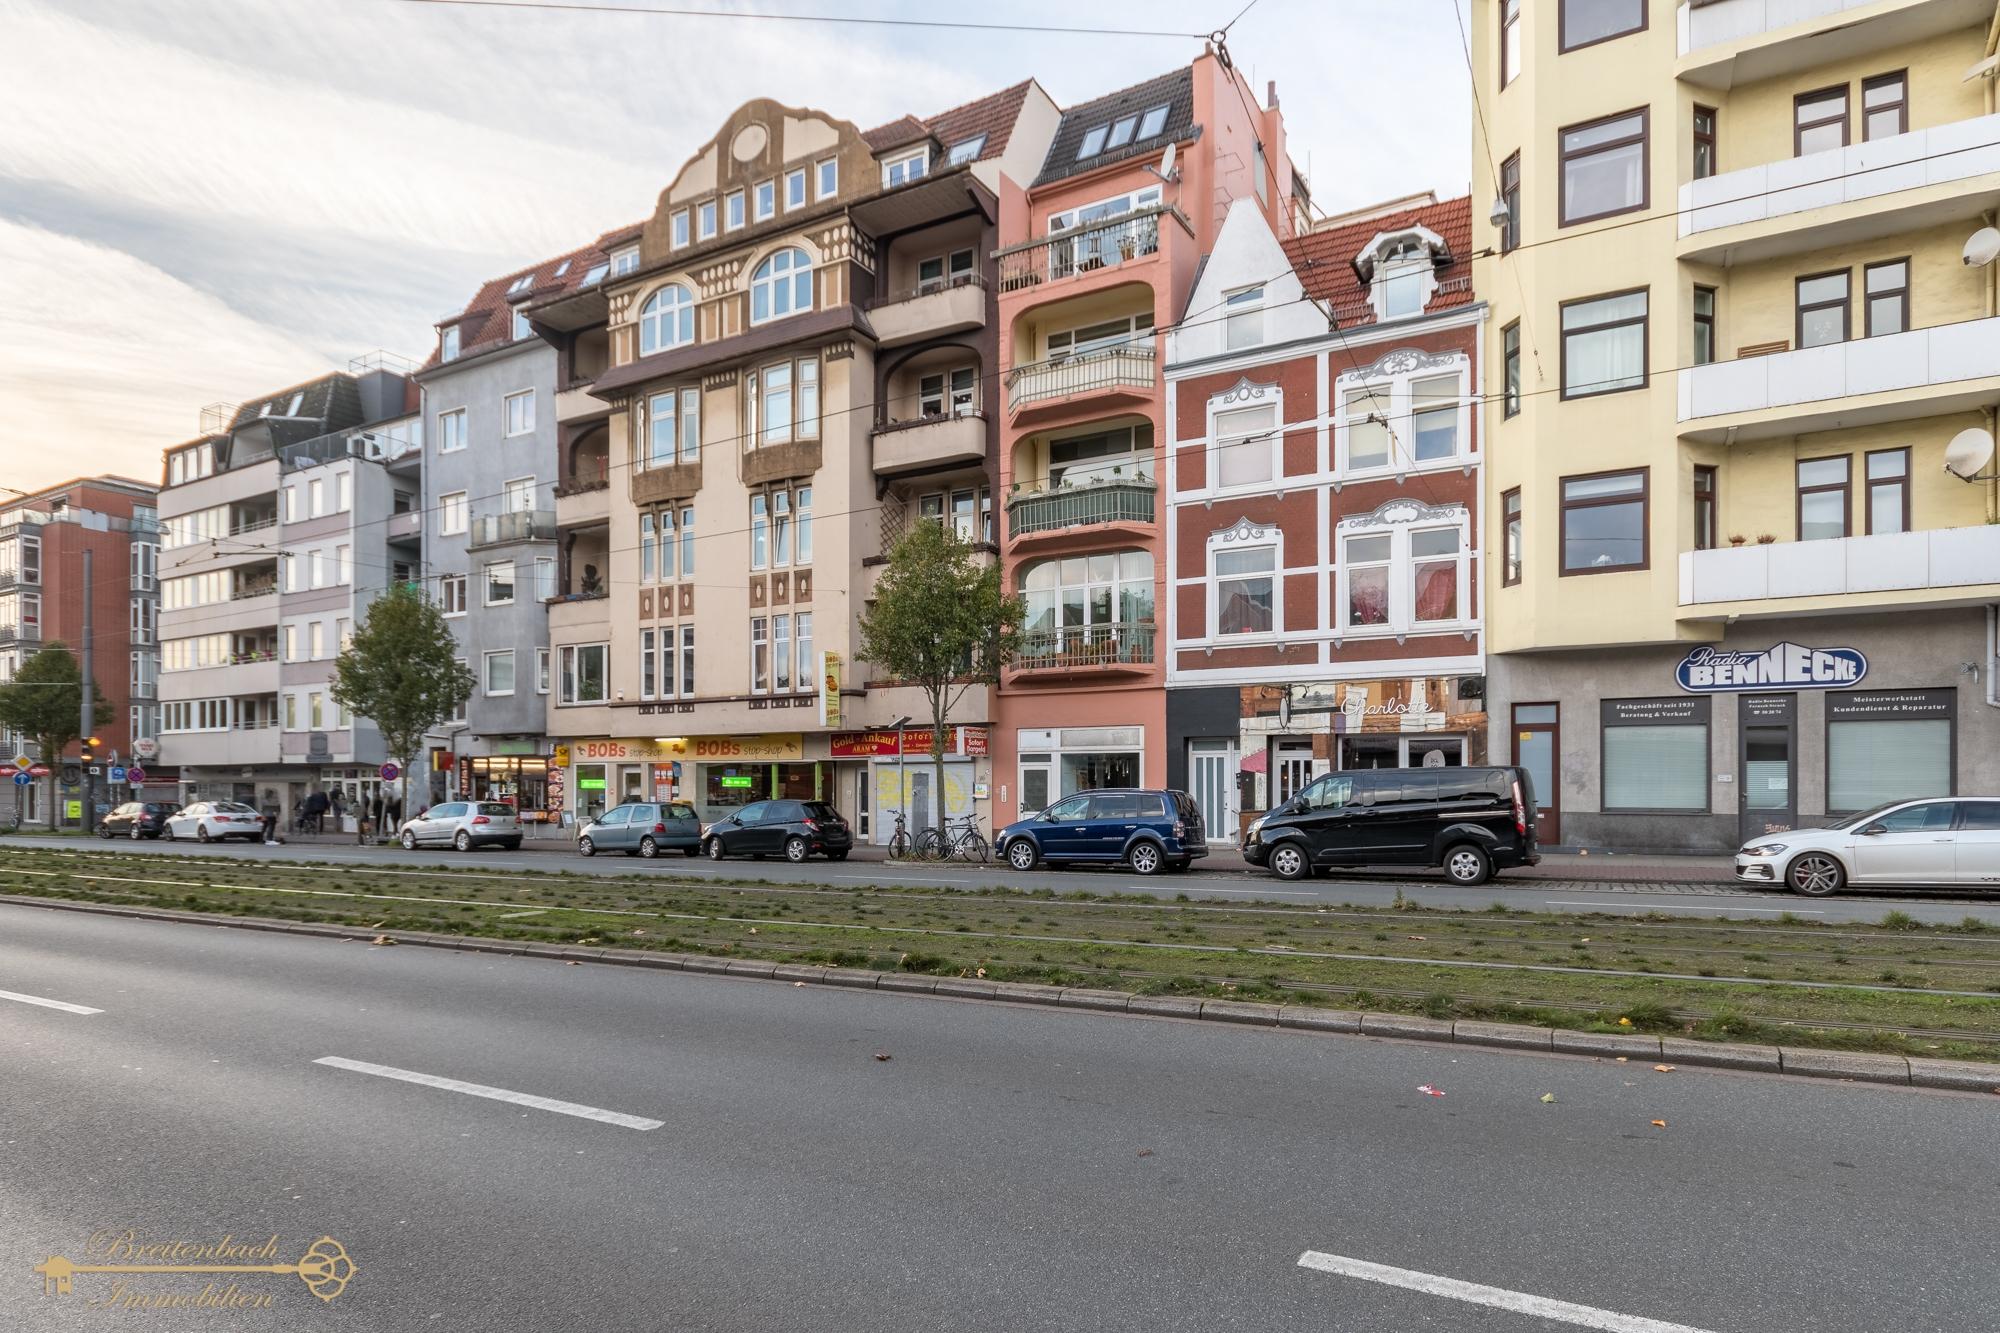 2020-11-15-Breitenbach-Immobilien-20